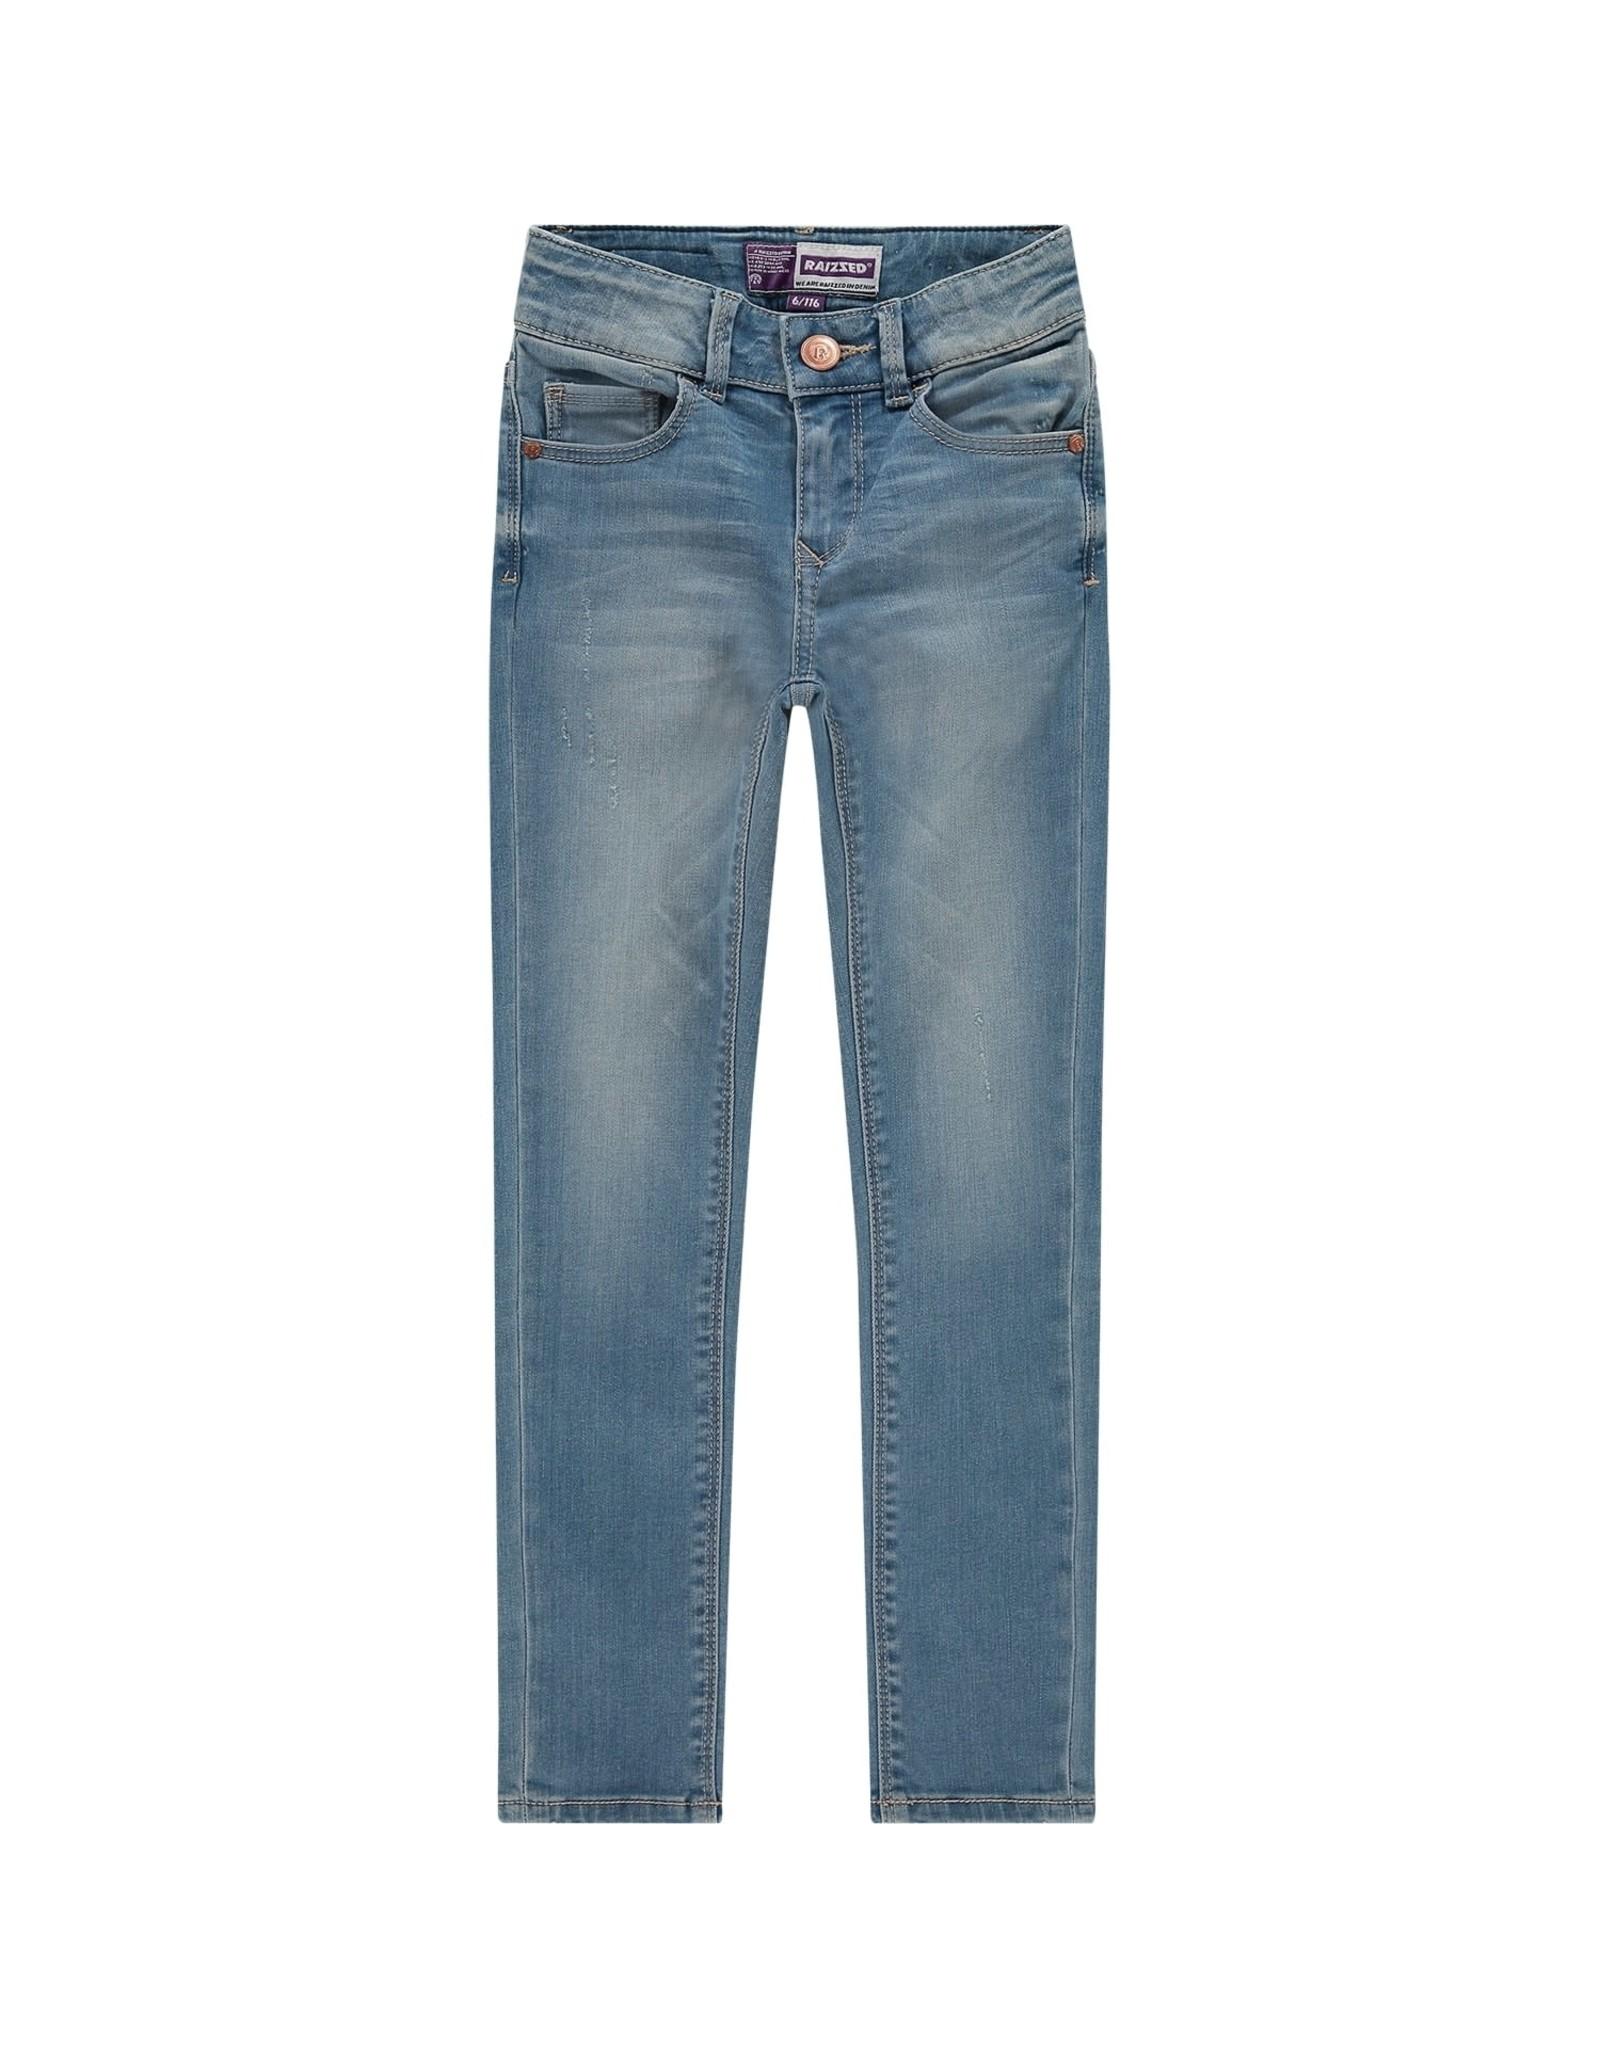 Raizzed Raizzed meiden superskinny high waist jeans Chelsea Light Blue Stone S21